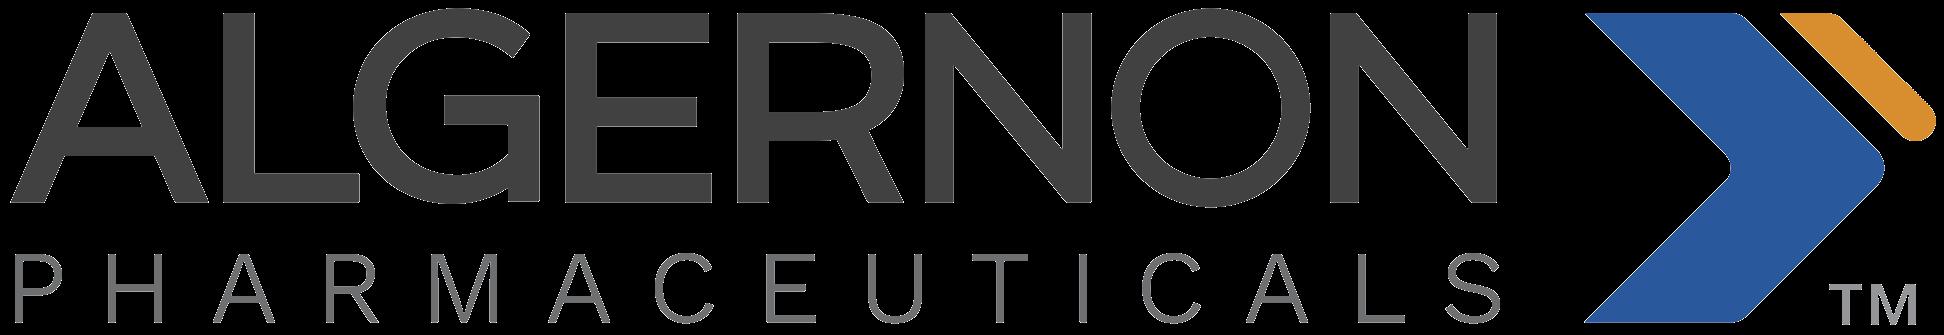 Algernon Pharmaceuticals Inc.